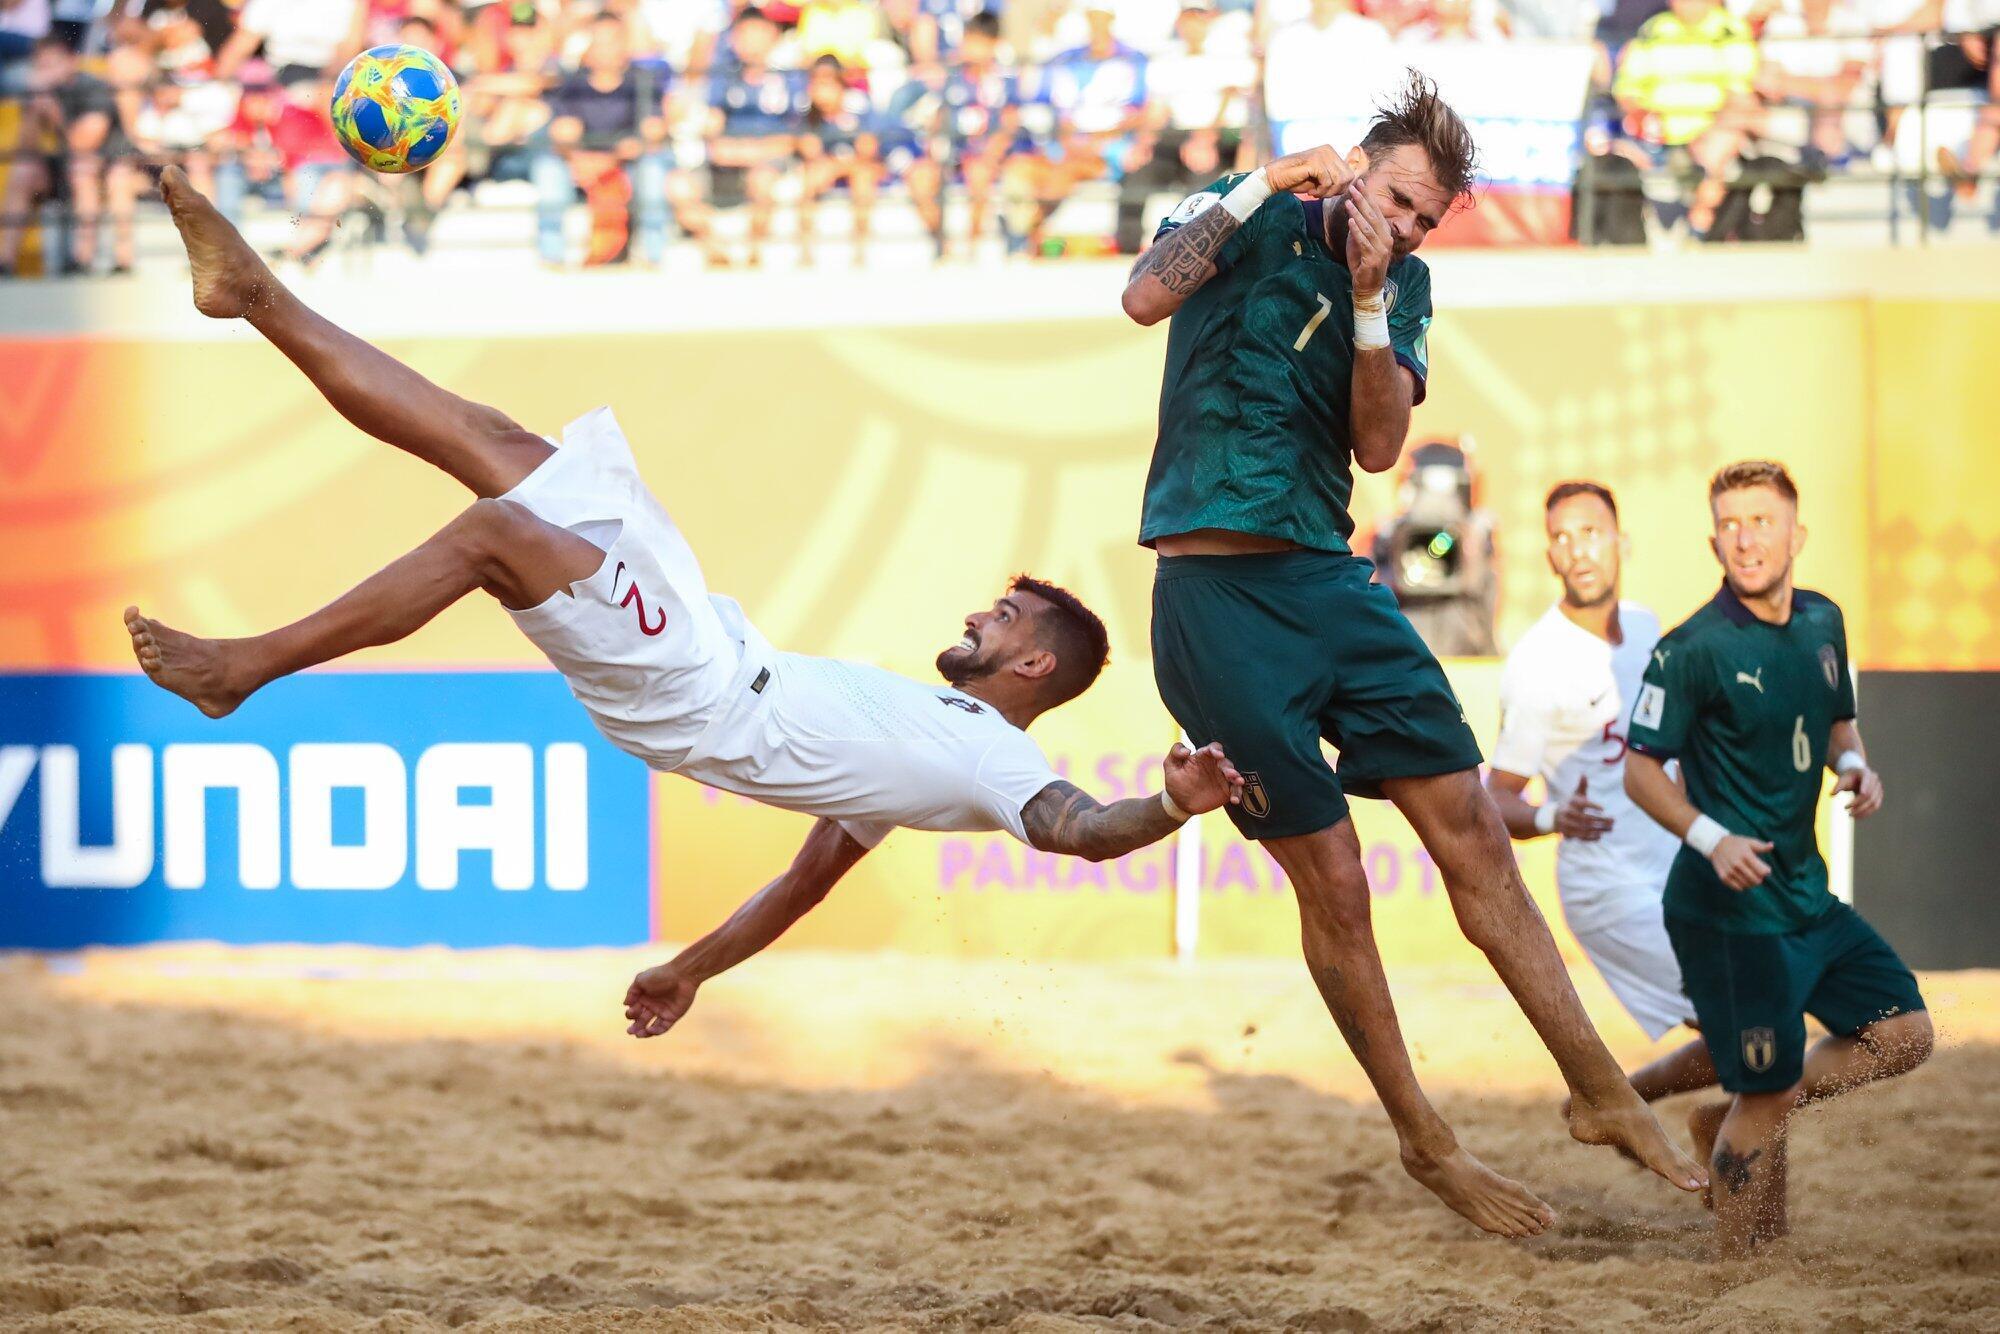 El internacional portugués Coimbra remata una jugada durante la final disputada frente a Italia en Asunción (Paraguay) el 1 de diciembre de 2019.